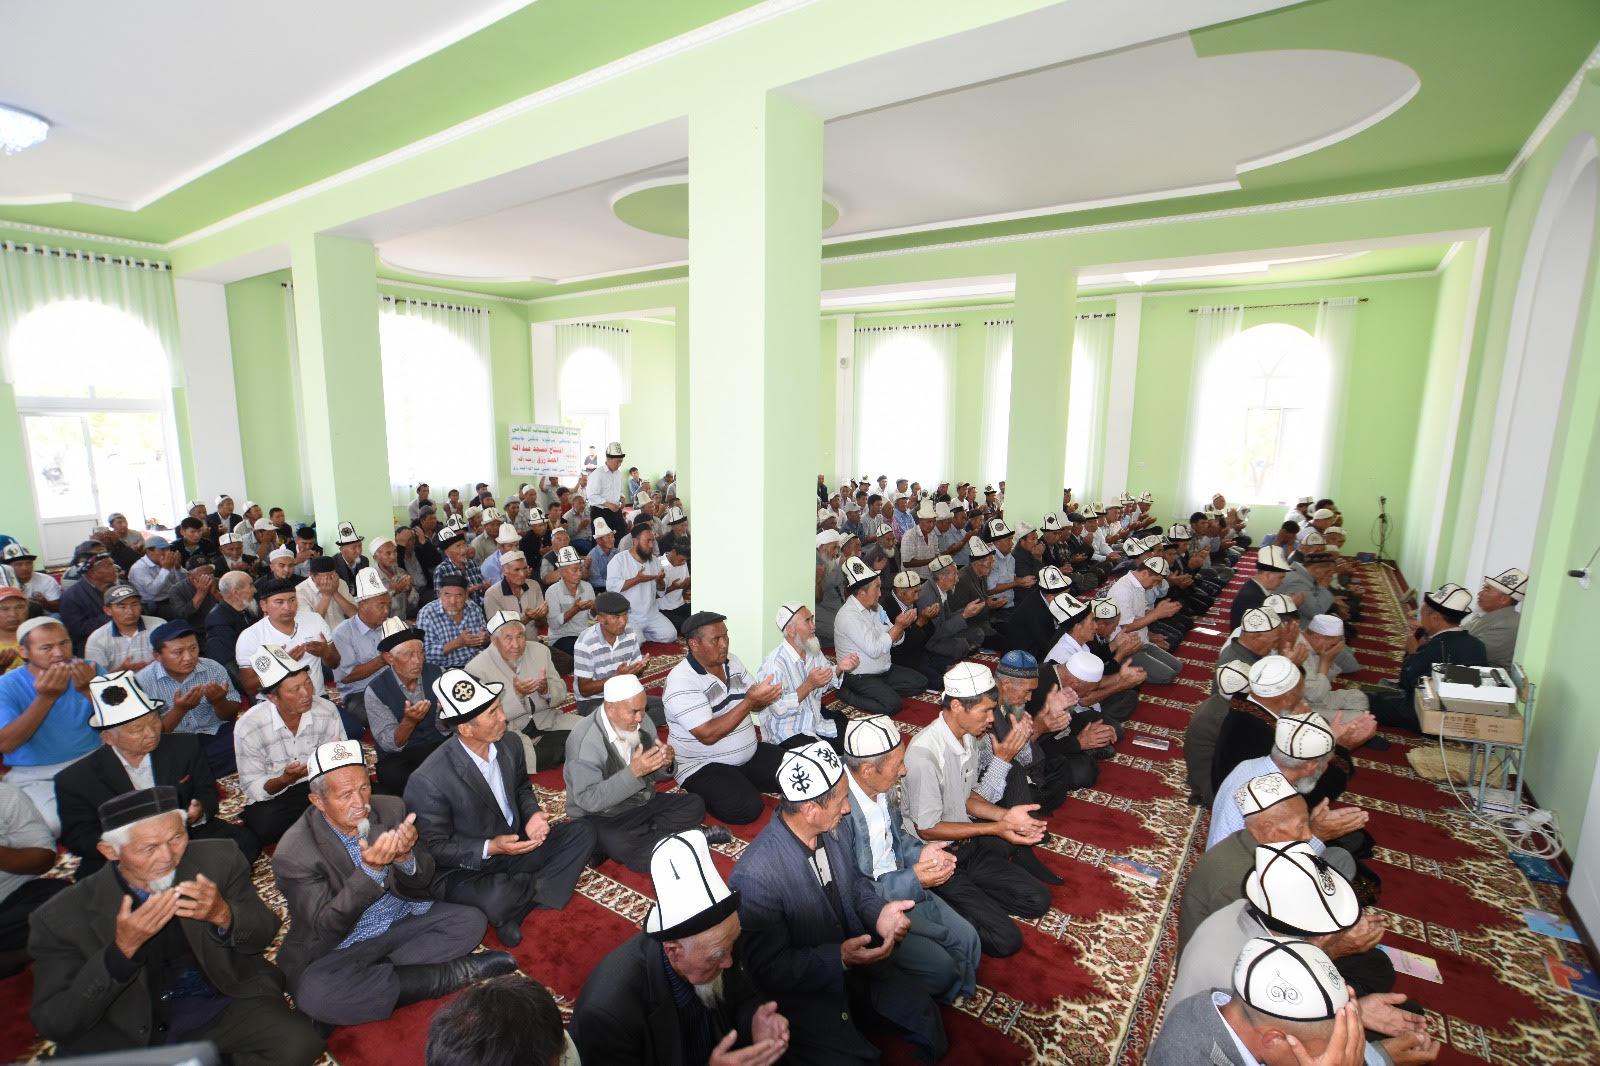 الندوة العالمية تفتتح مسجد بمنطقة جانجير القيرغيزية (2)